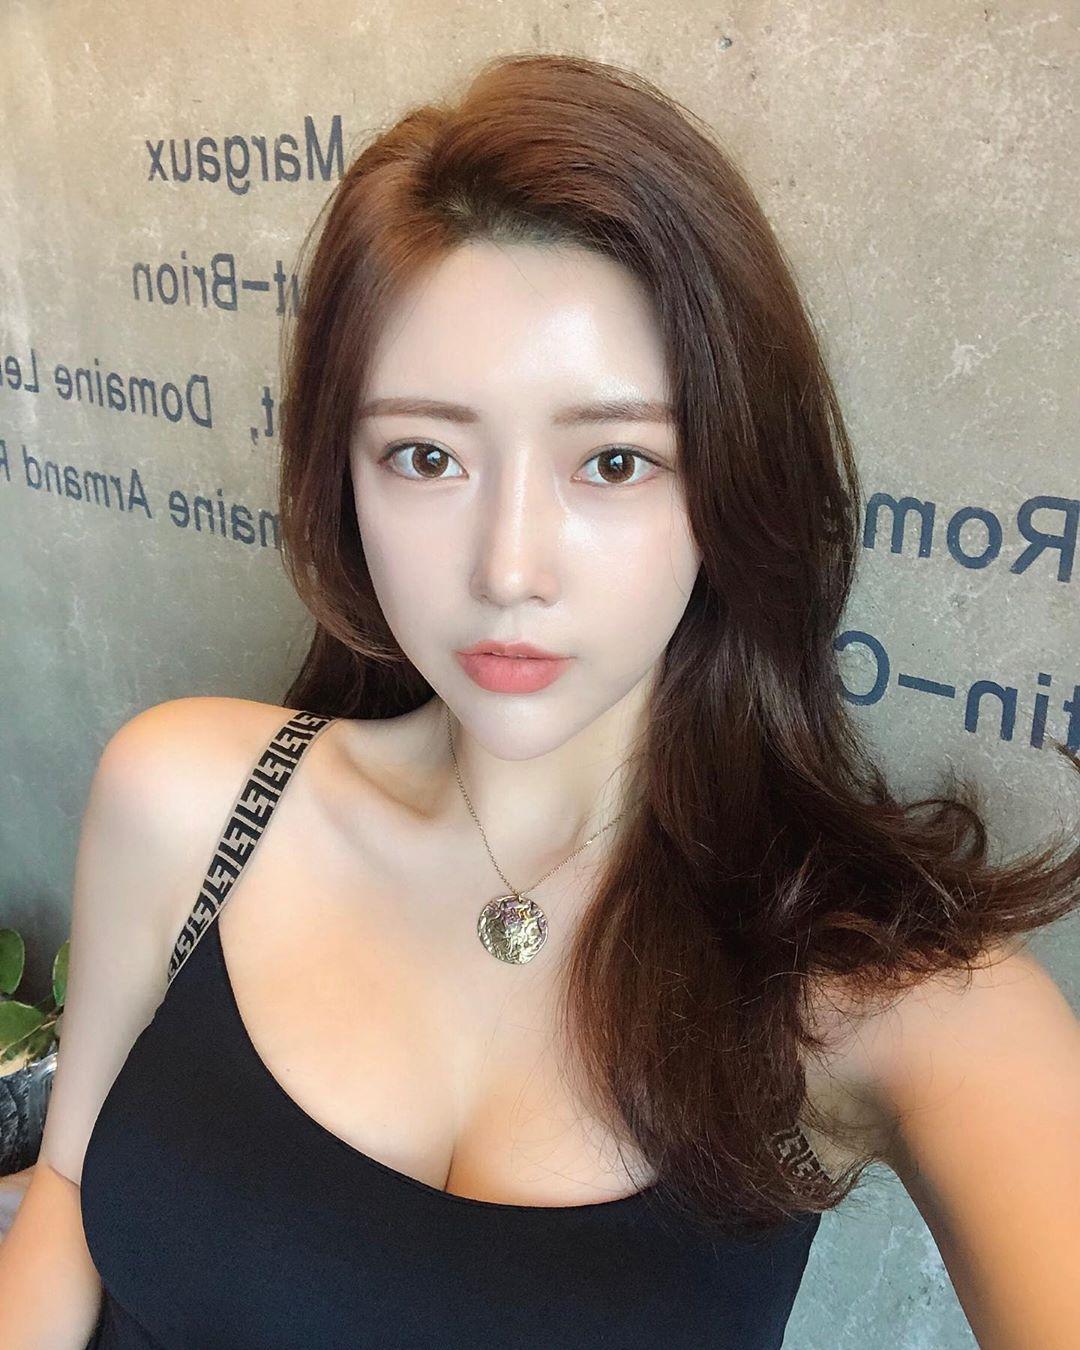 脱衣有肉穿衣显瘦的极品韩国美女